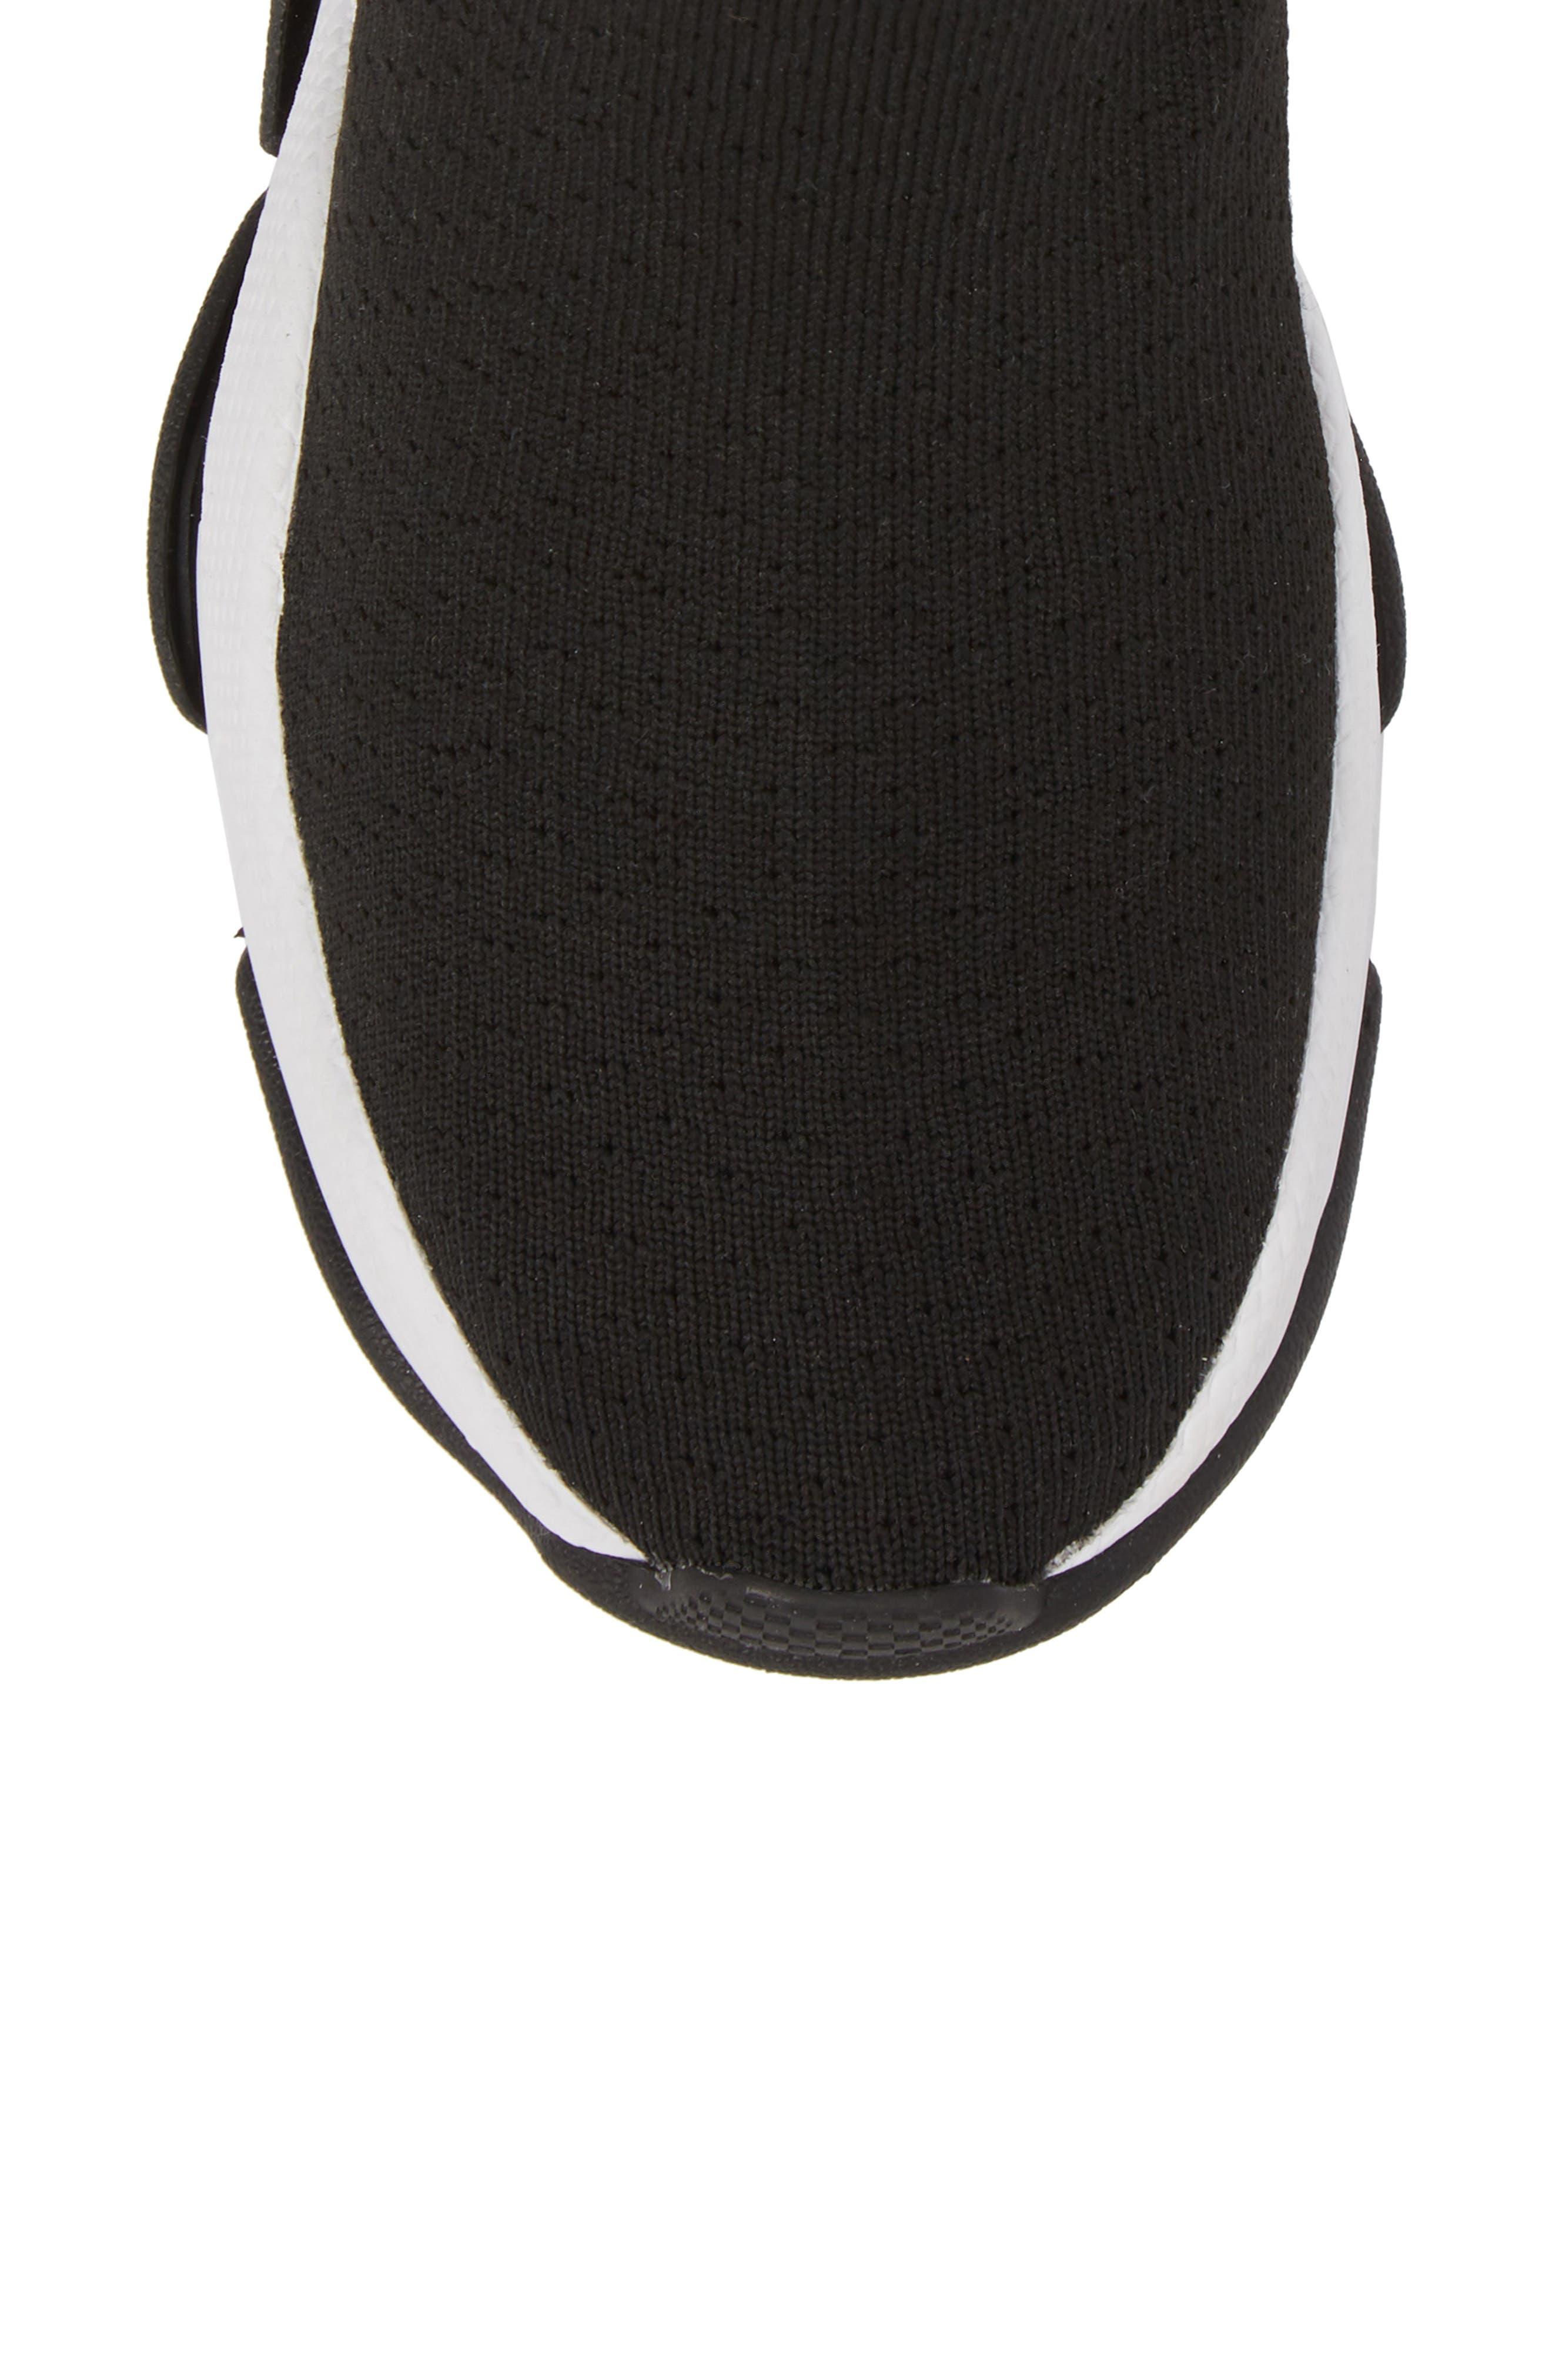 Tenko Ankle High Top Sock Sneaker,                             Alternate thumbnail 5, color,                             Black/ White Stripe Fabric